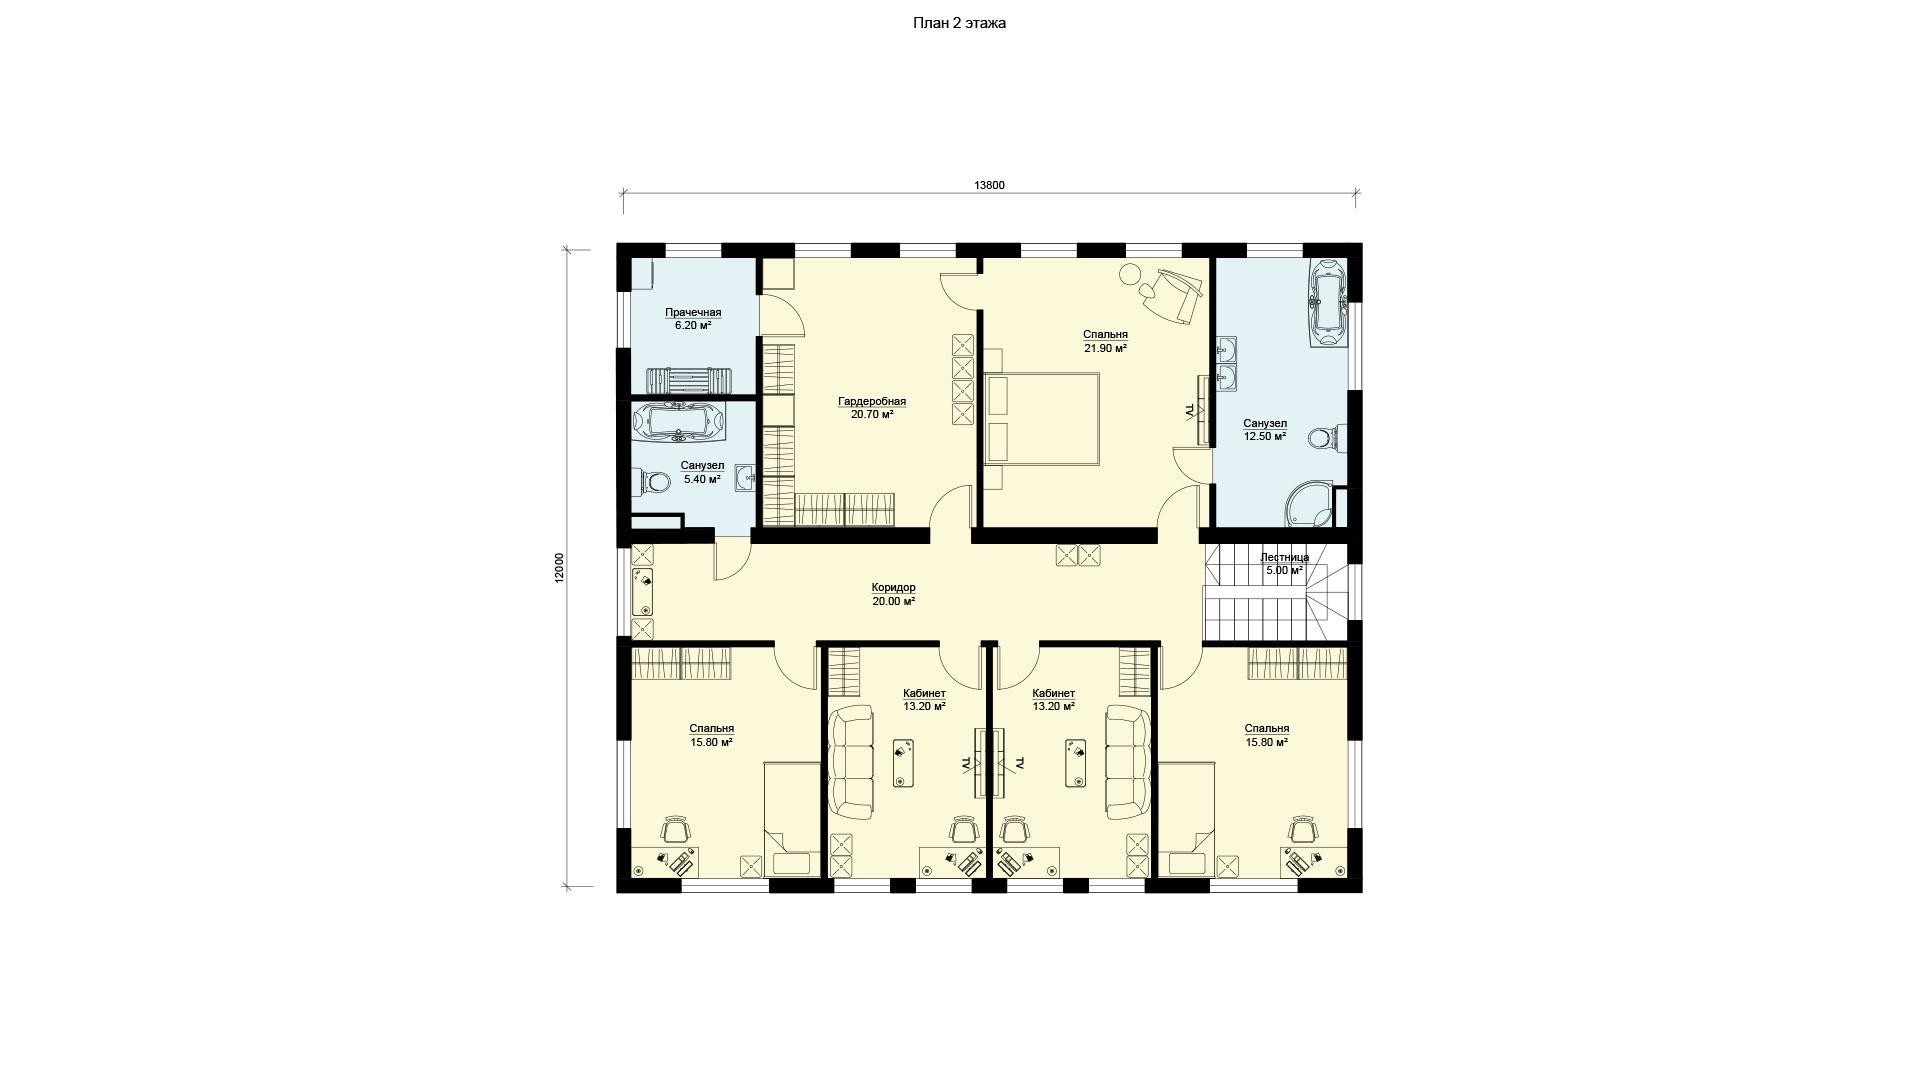 Планировка второго этажа двухэтажного дома с панорамным остеклением. Проект БЭНПАН БП-347.